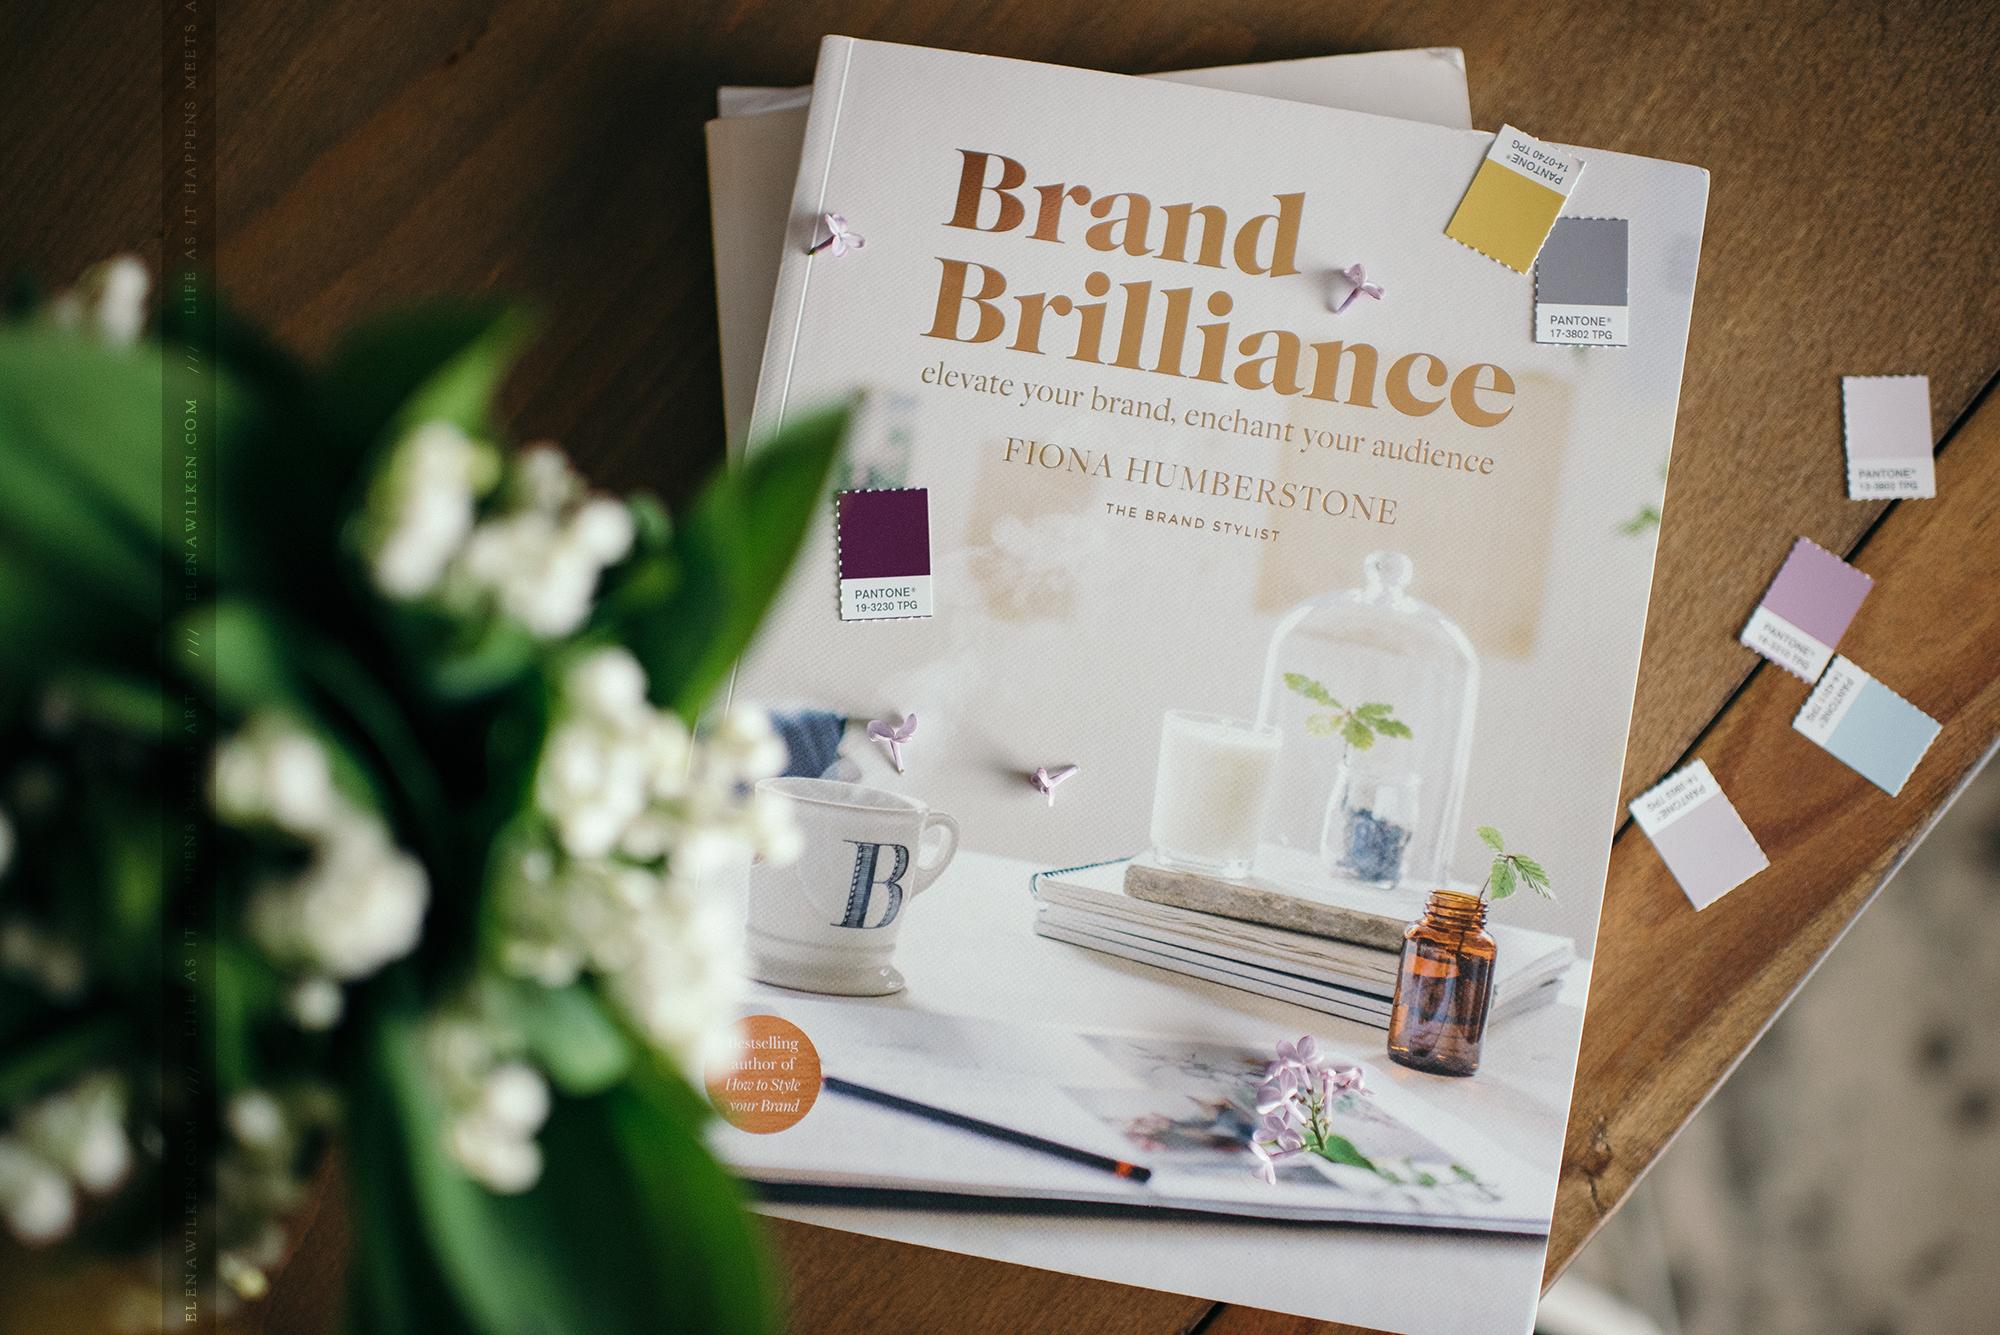 brand-brilliance-fiona-humberstone-branding-ew-couture.jpg